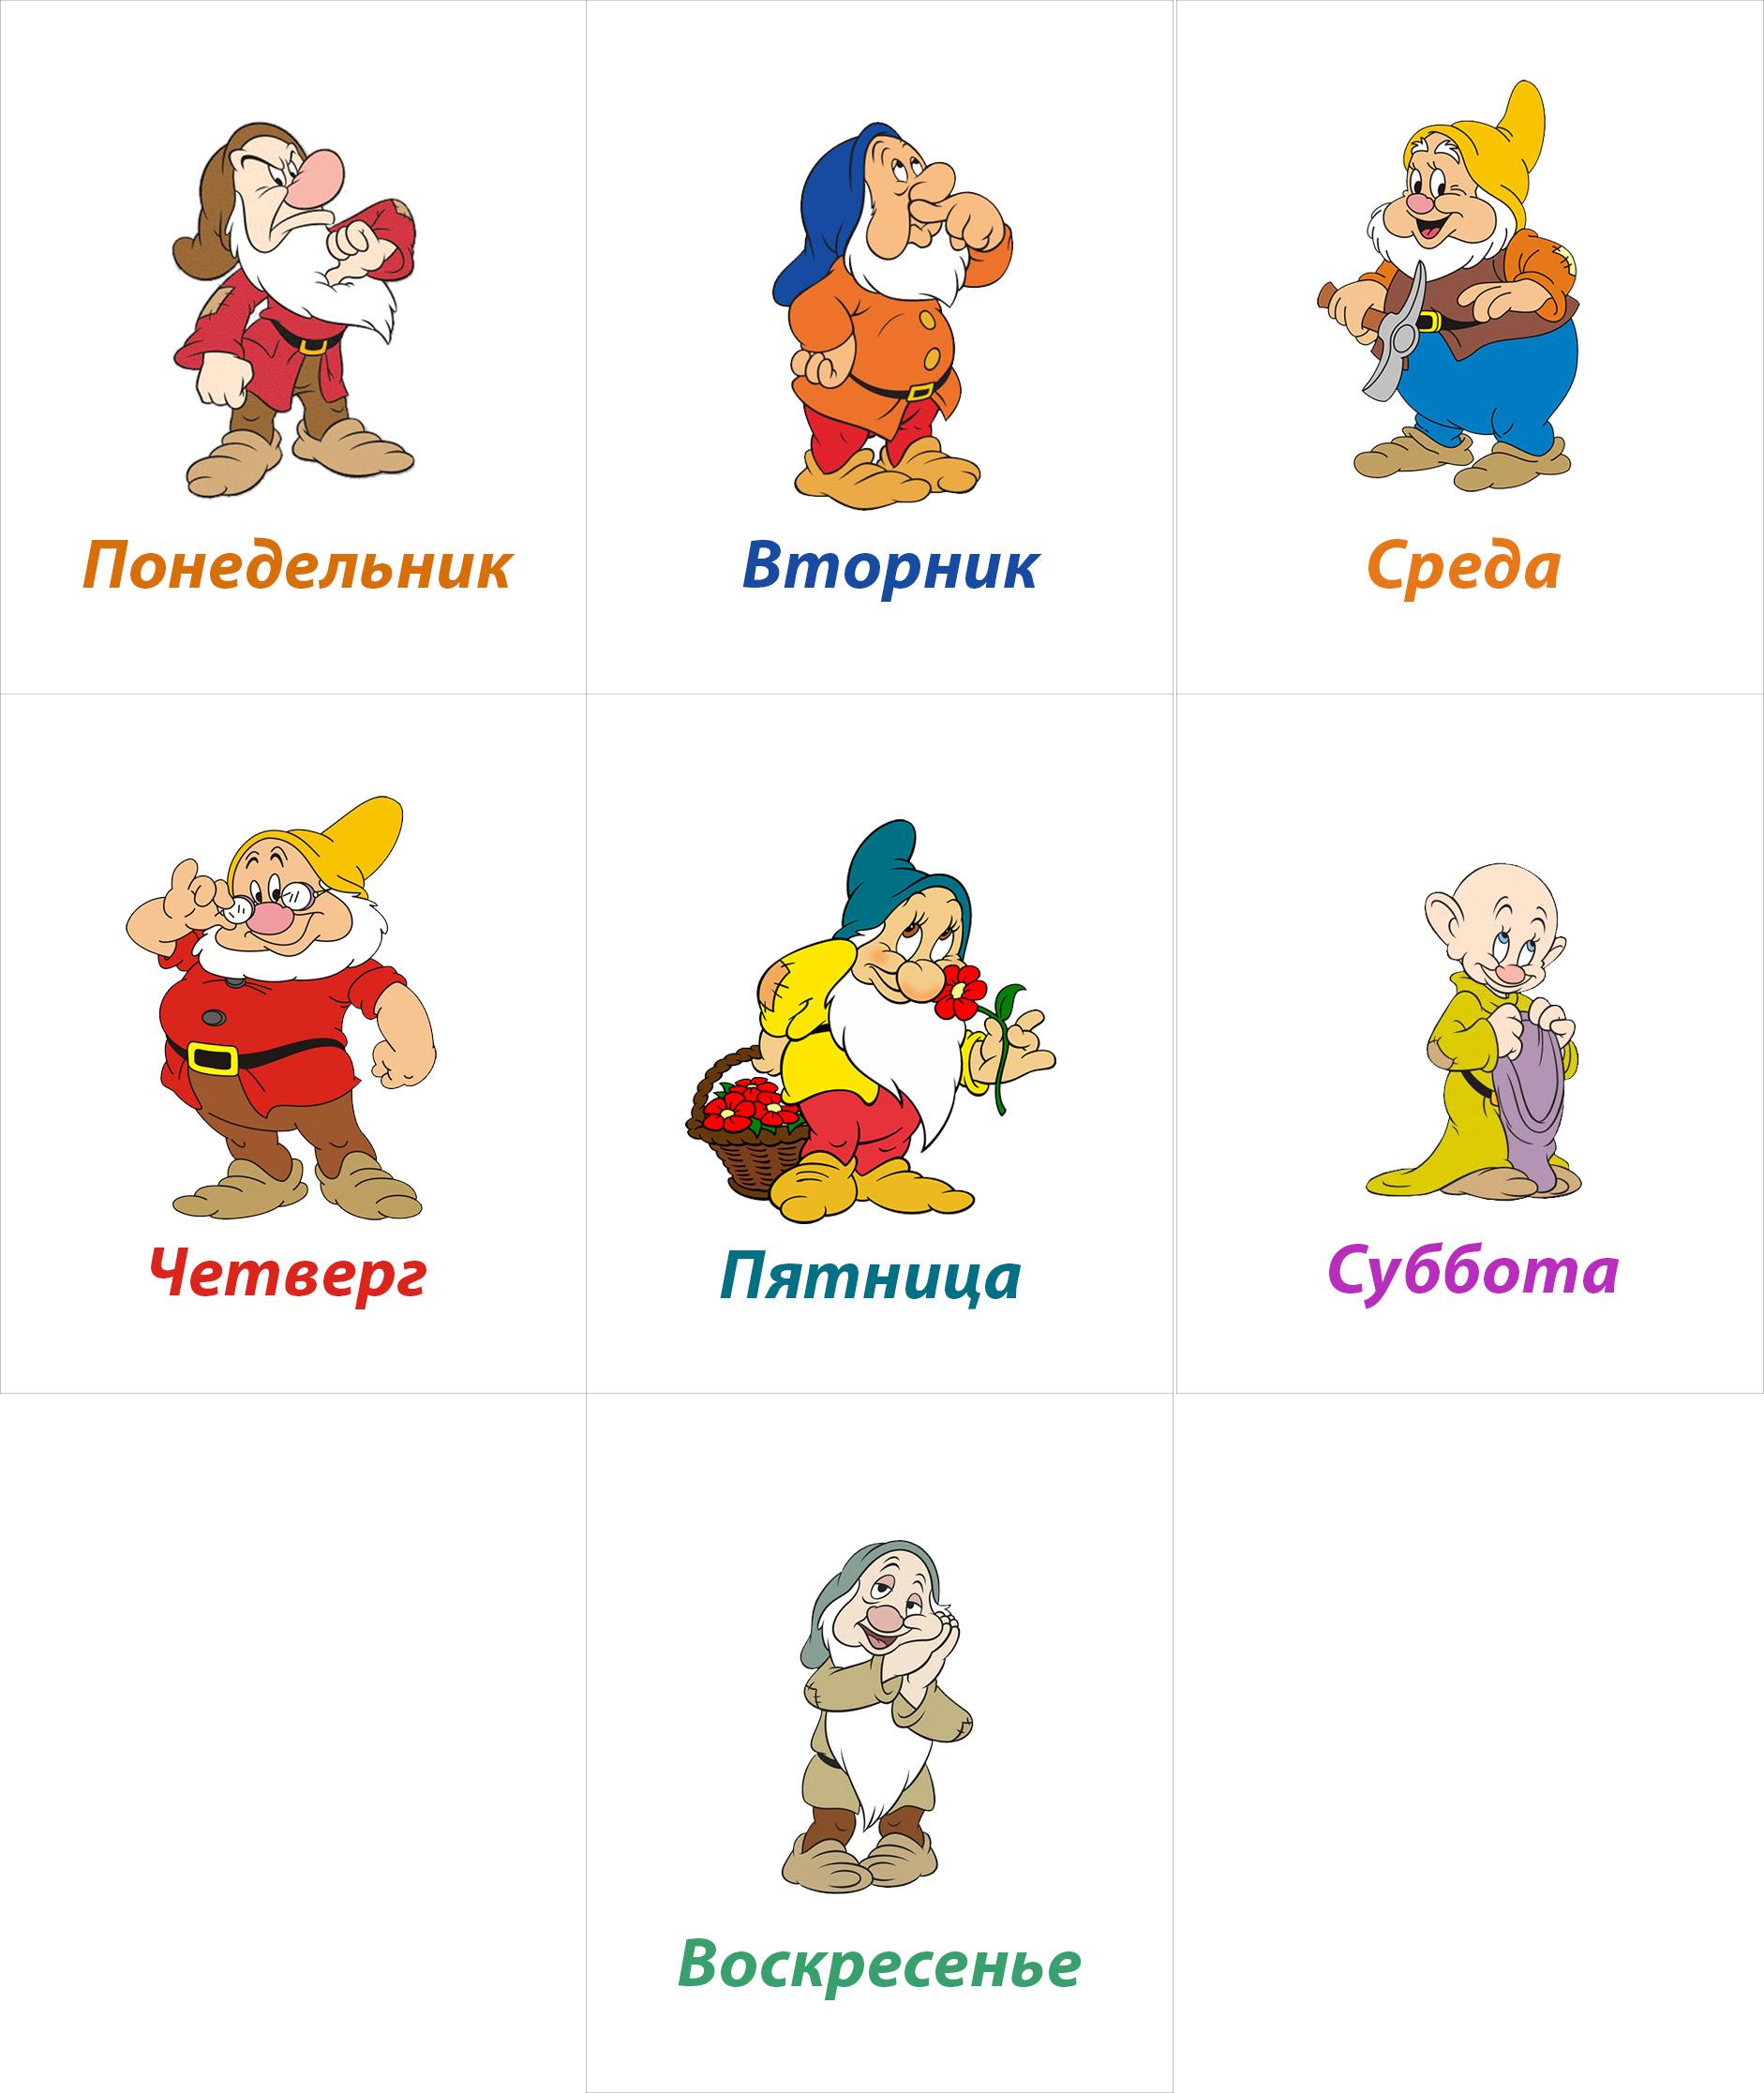 Гномы